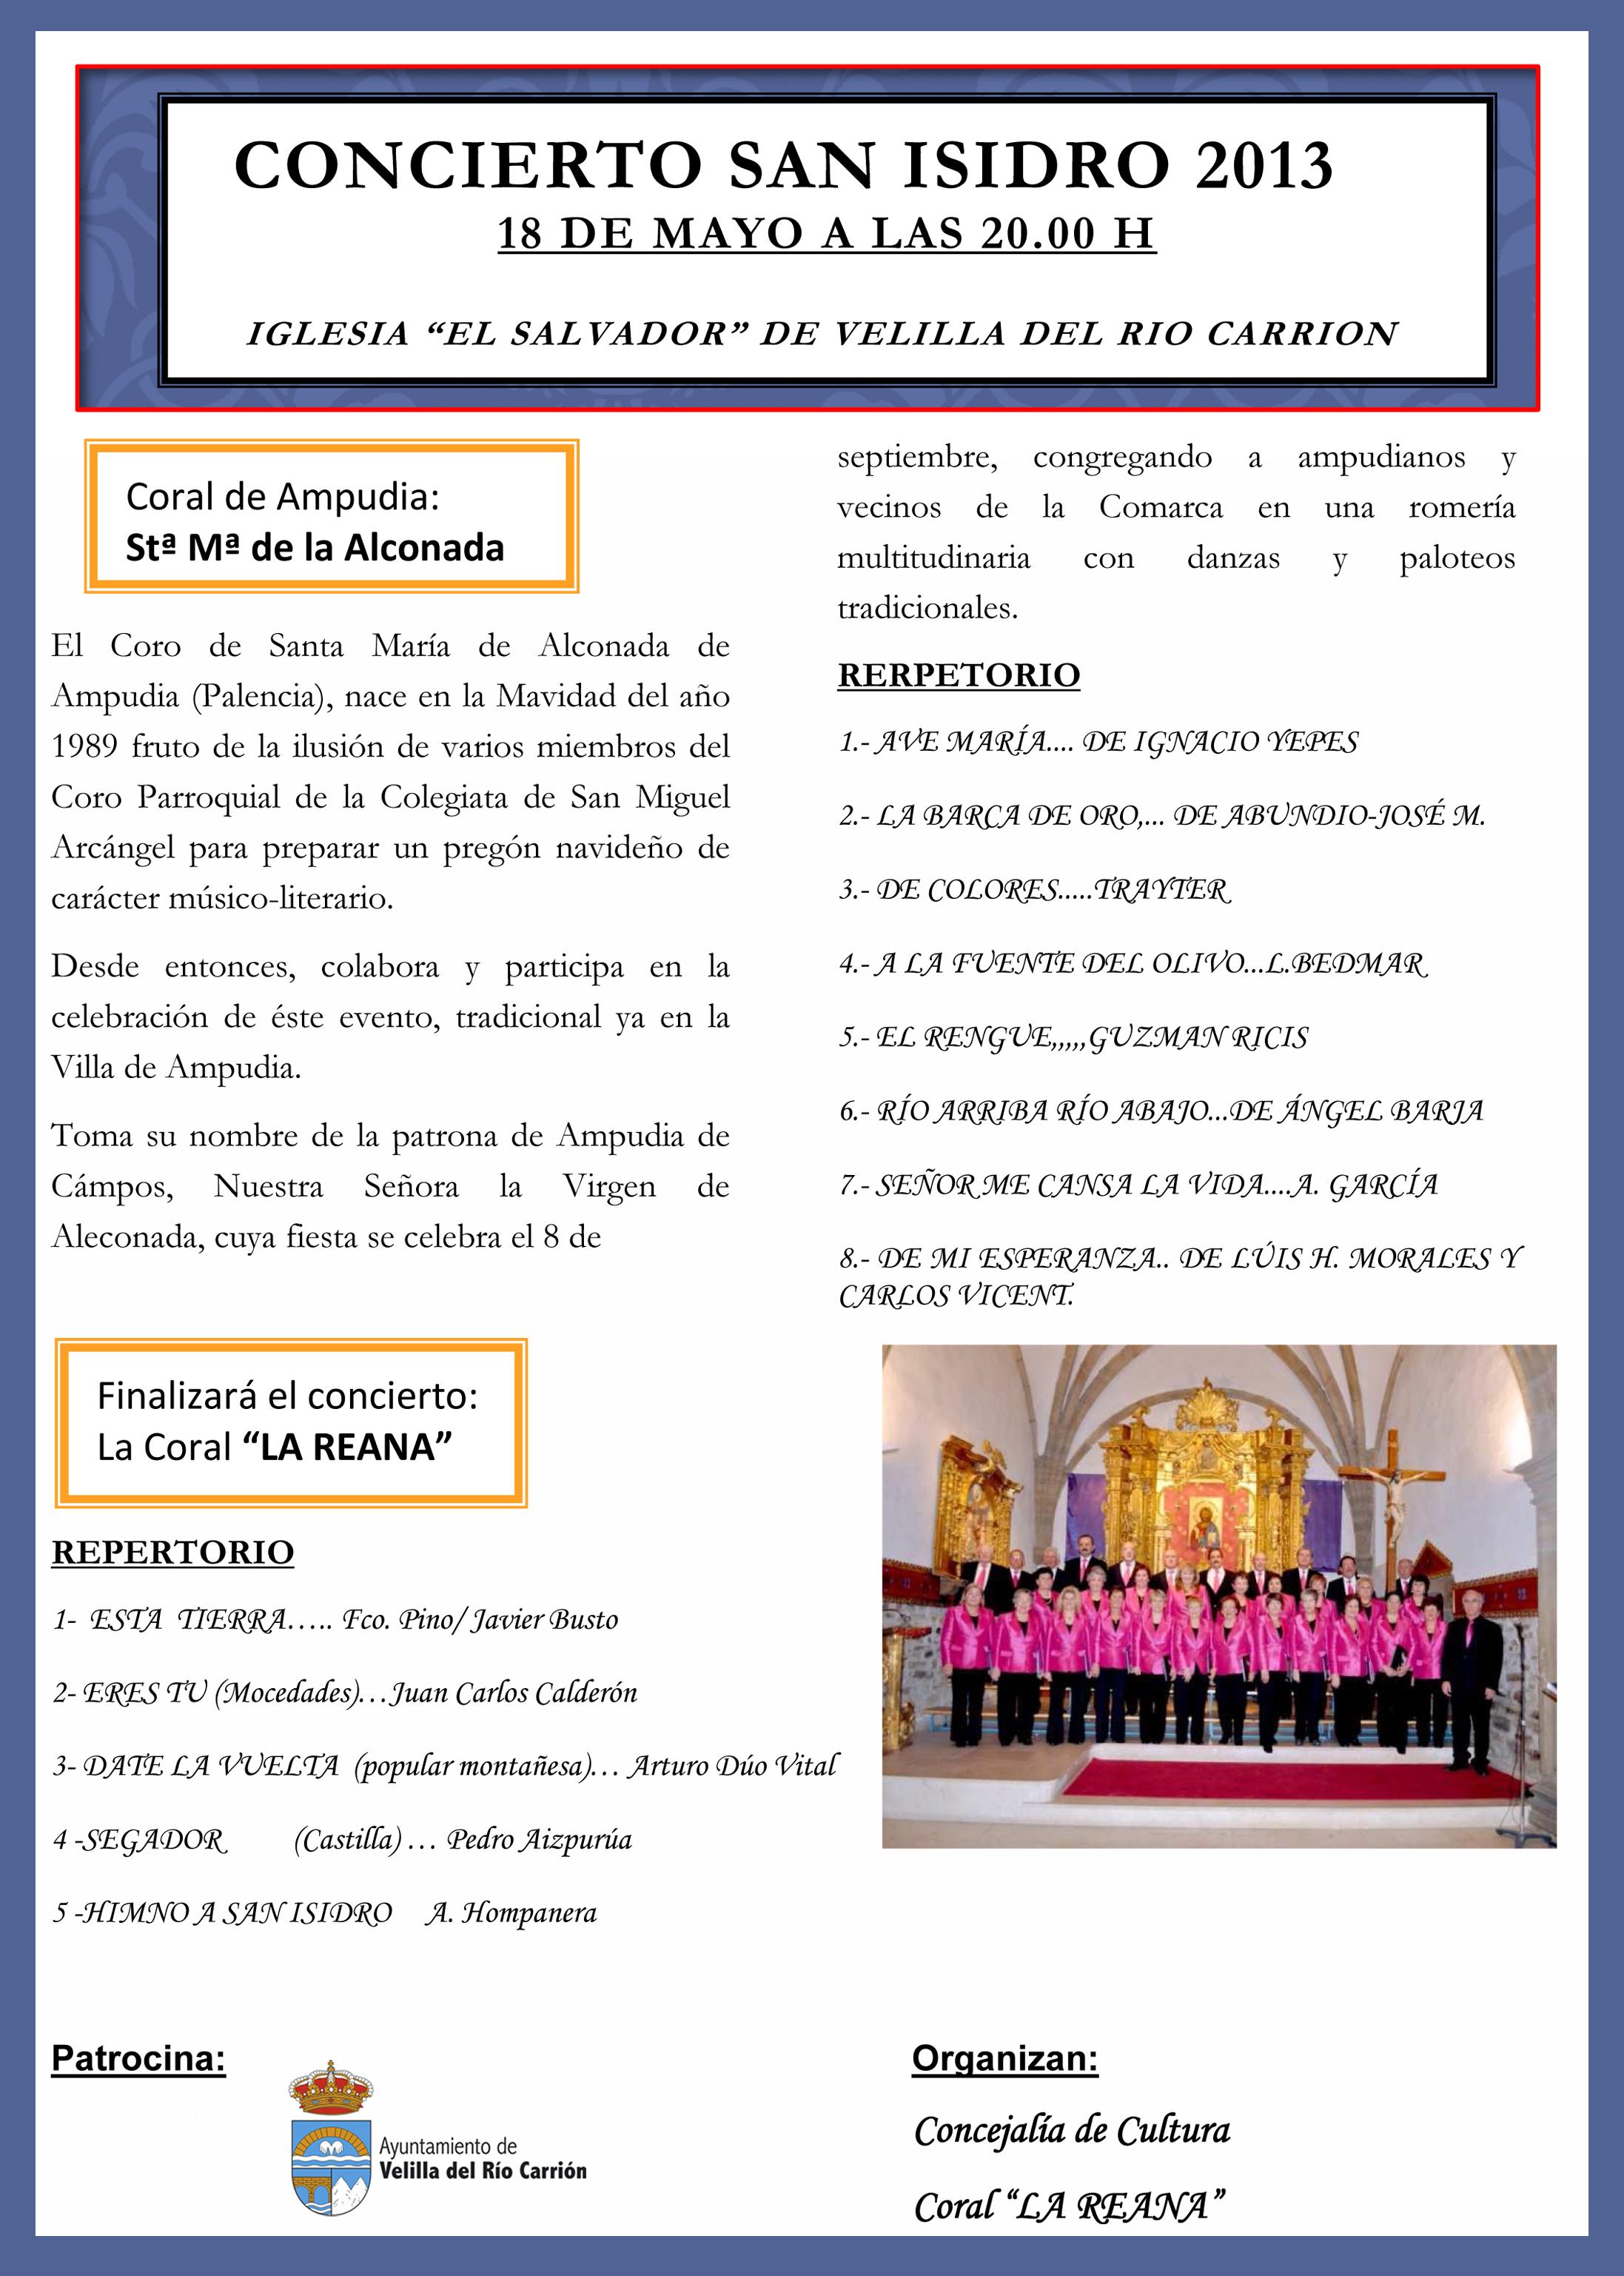 CONCIERTO SAN ISIDRO 2013